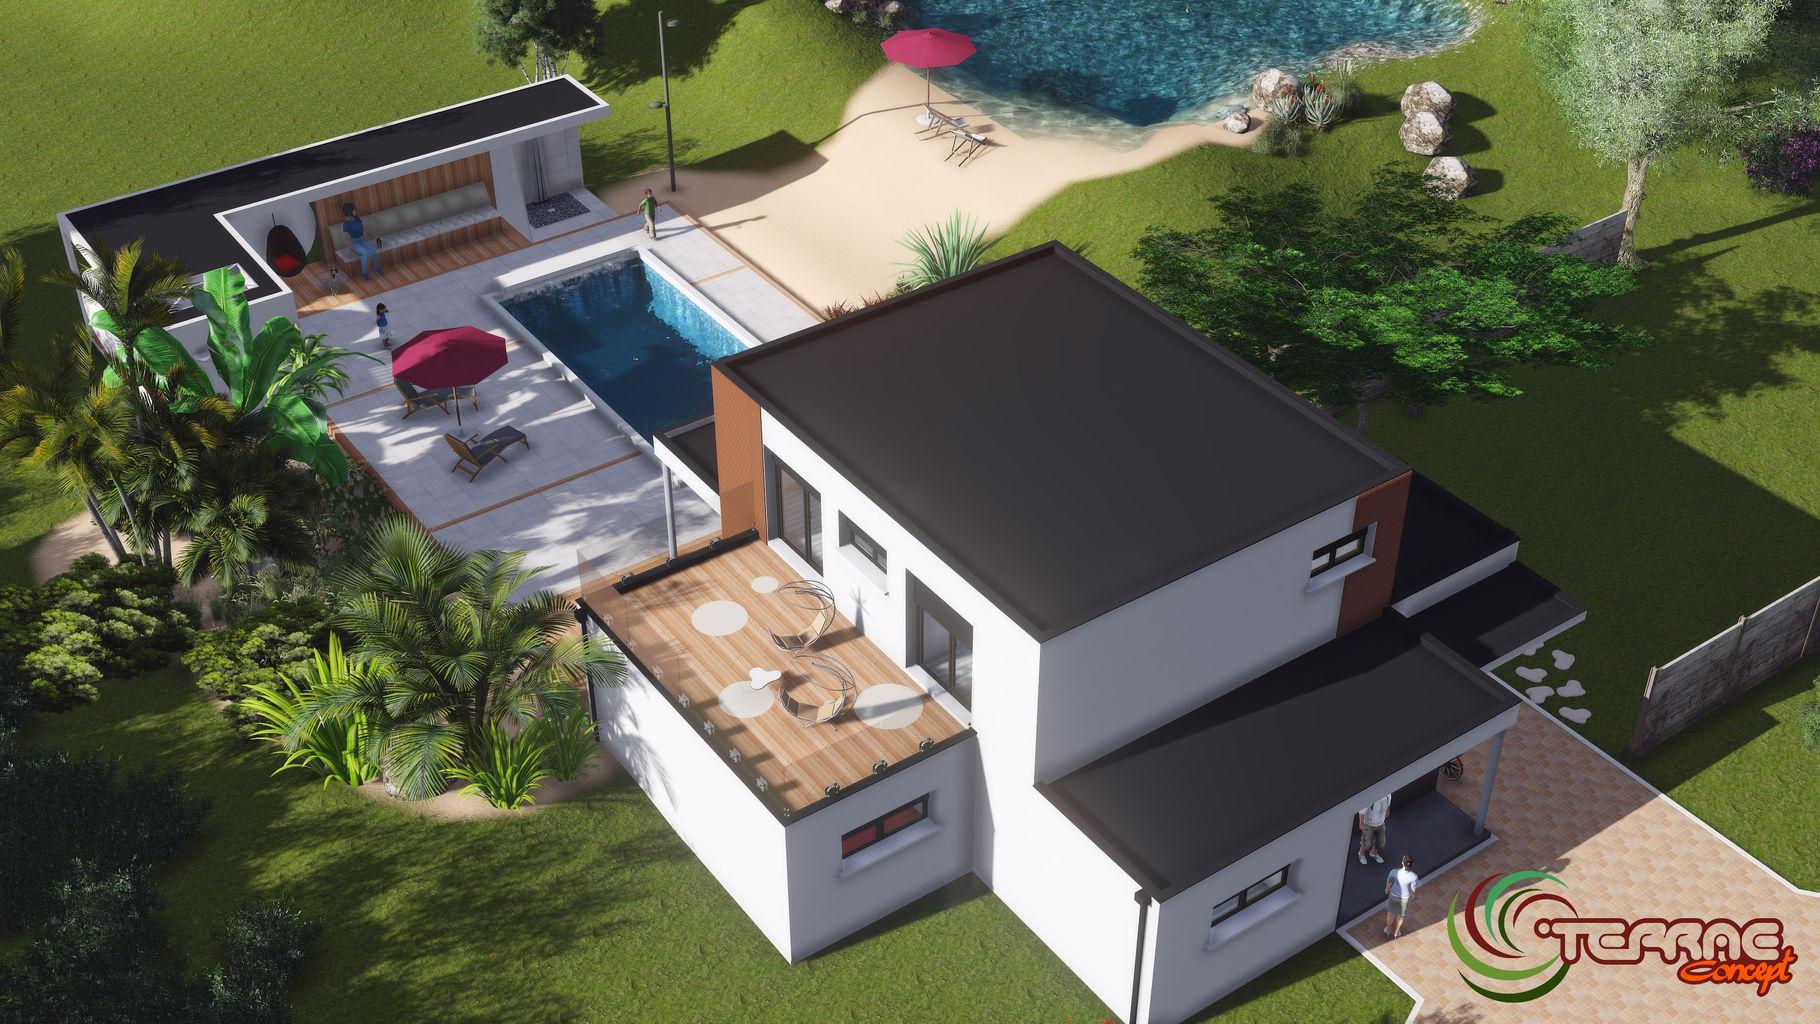 Plan de jardin 3D, permis de construire, image de maison 3D.Landscape ...